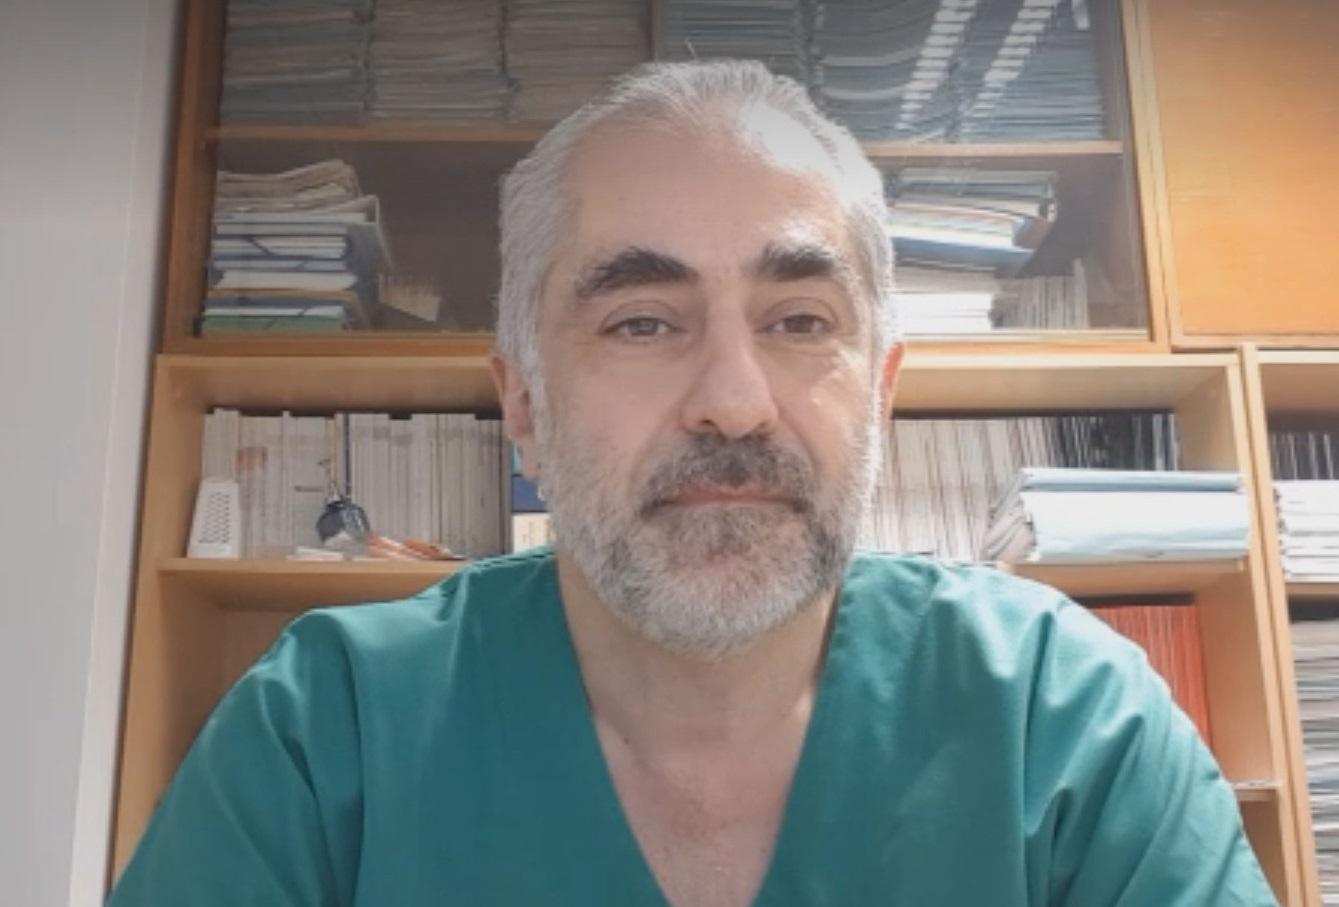 Vaccin, effets secondaires, traitements : les réponses du Professeur Bruno  Megarbane • TNTV Tahiti Nui Télévision